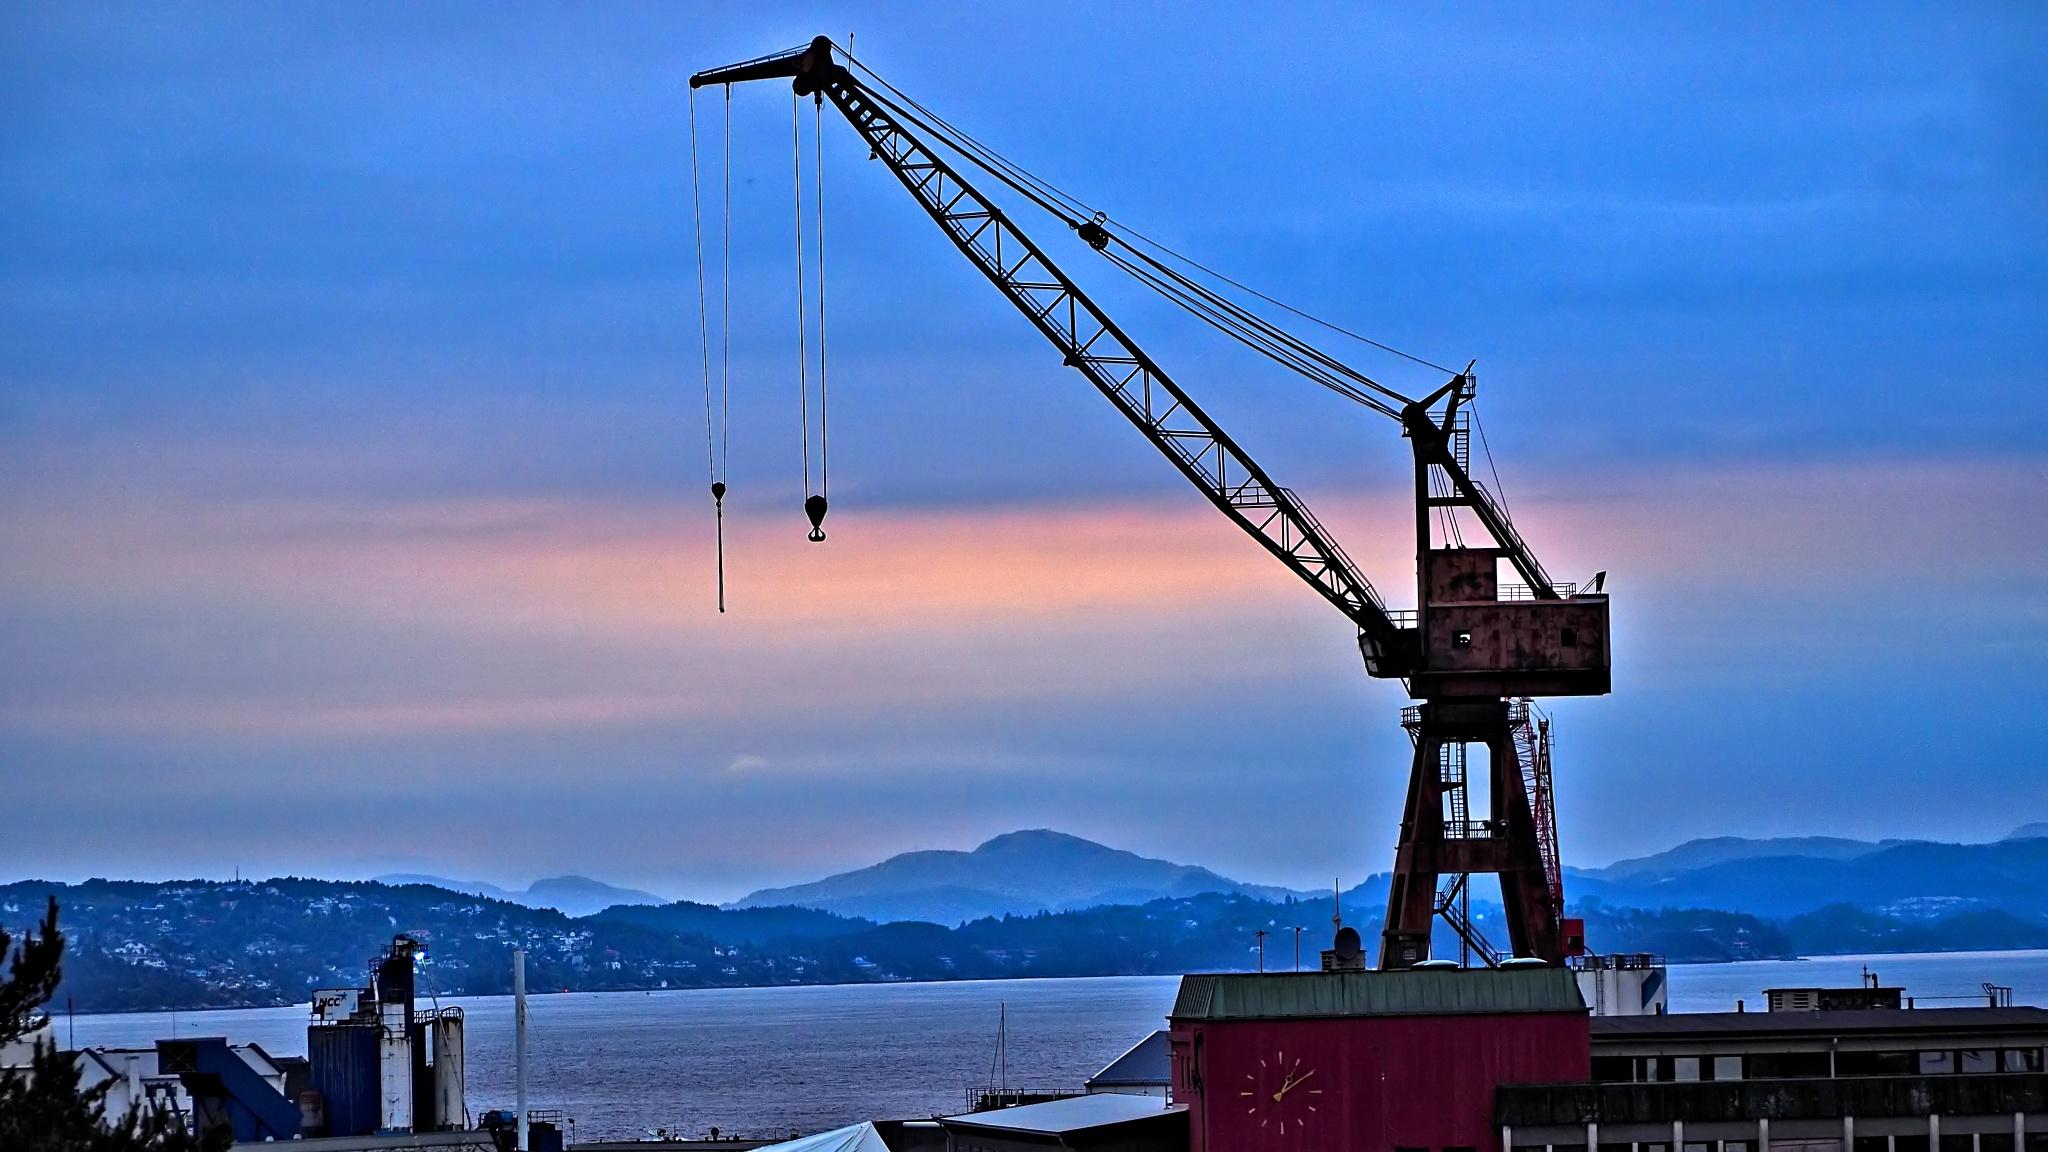 Lone crane by Steven Harrison Snoots